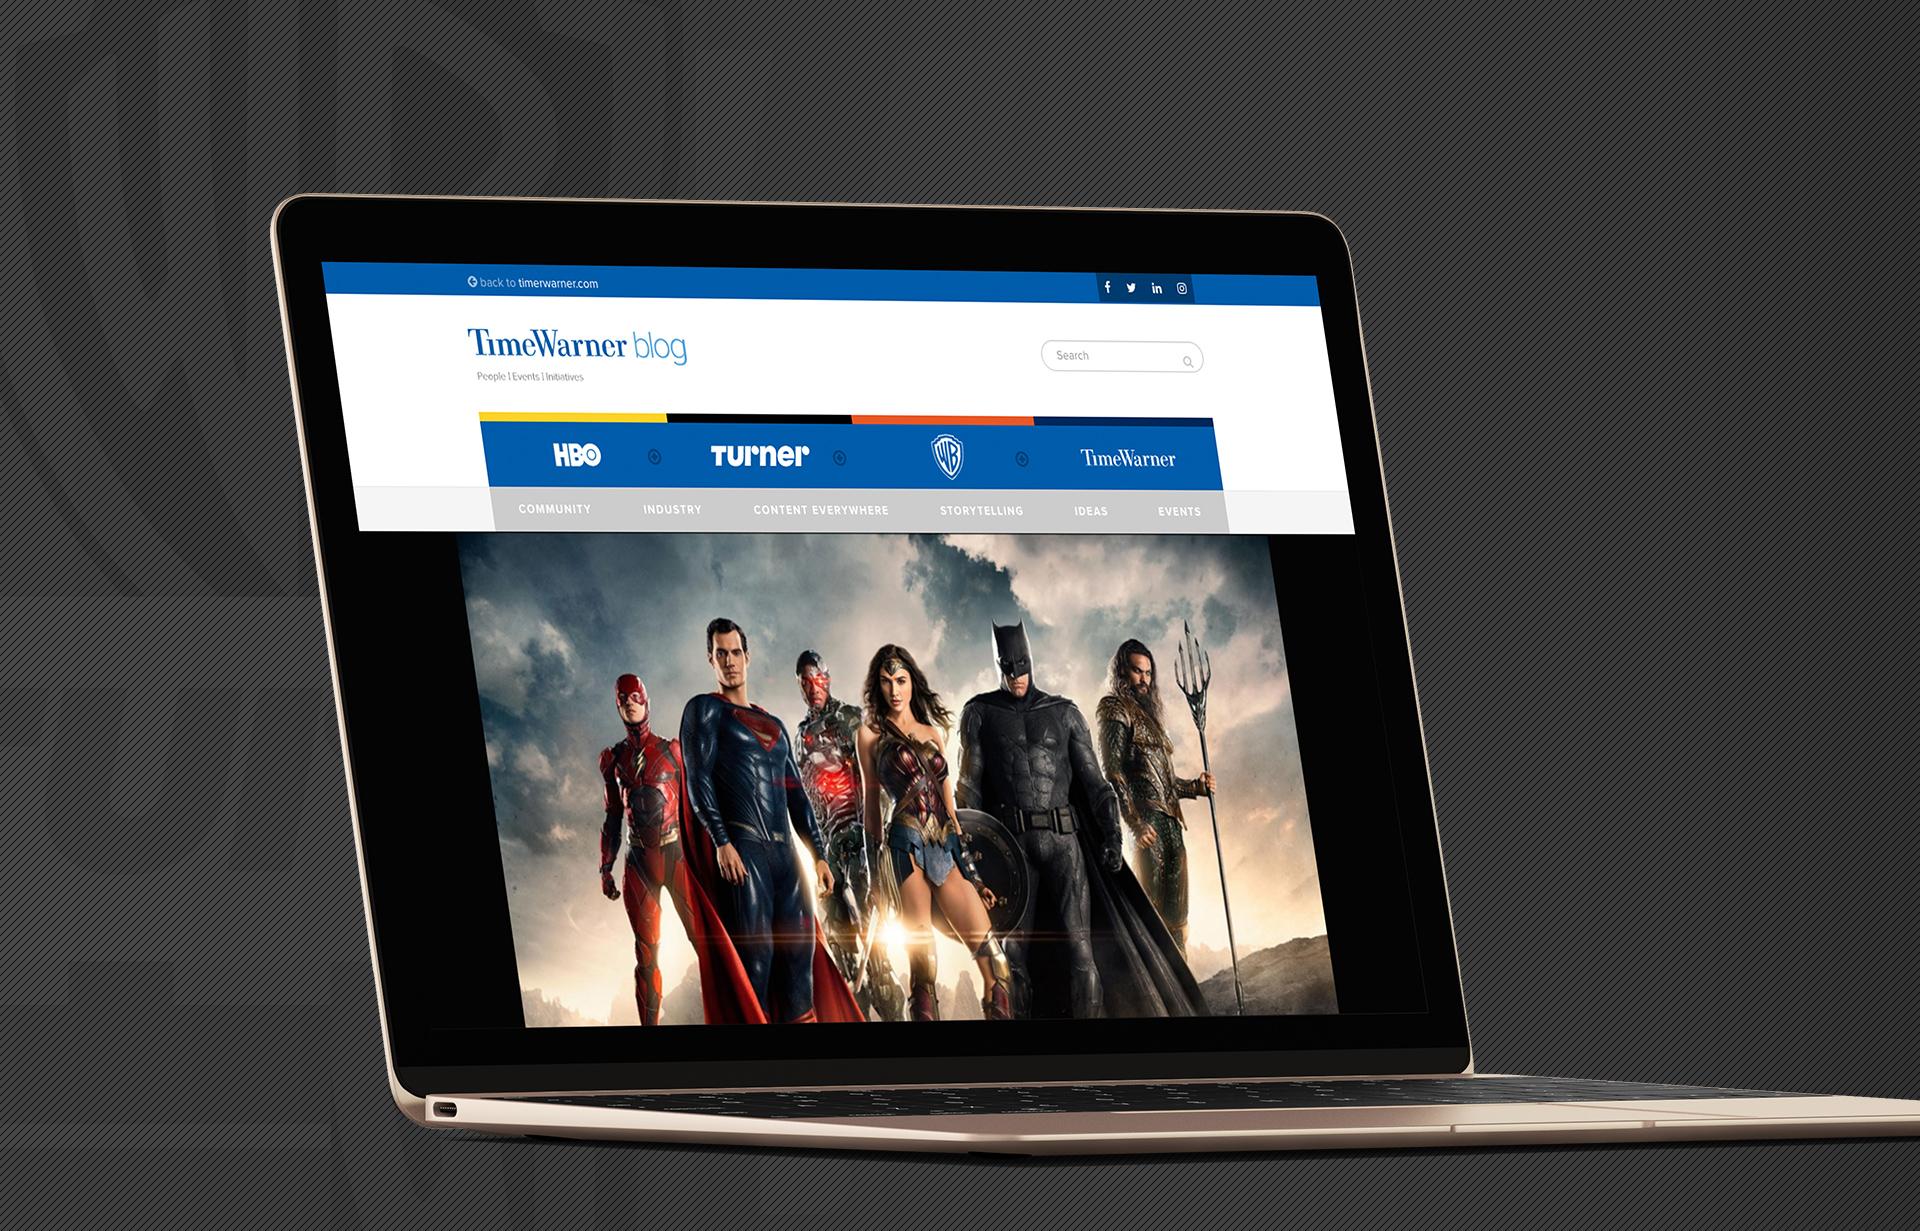 Time Warner Blog - Web Design - Laptop - Jake Cooper Design